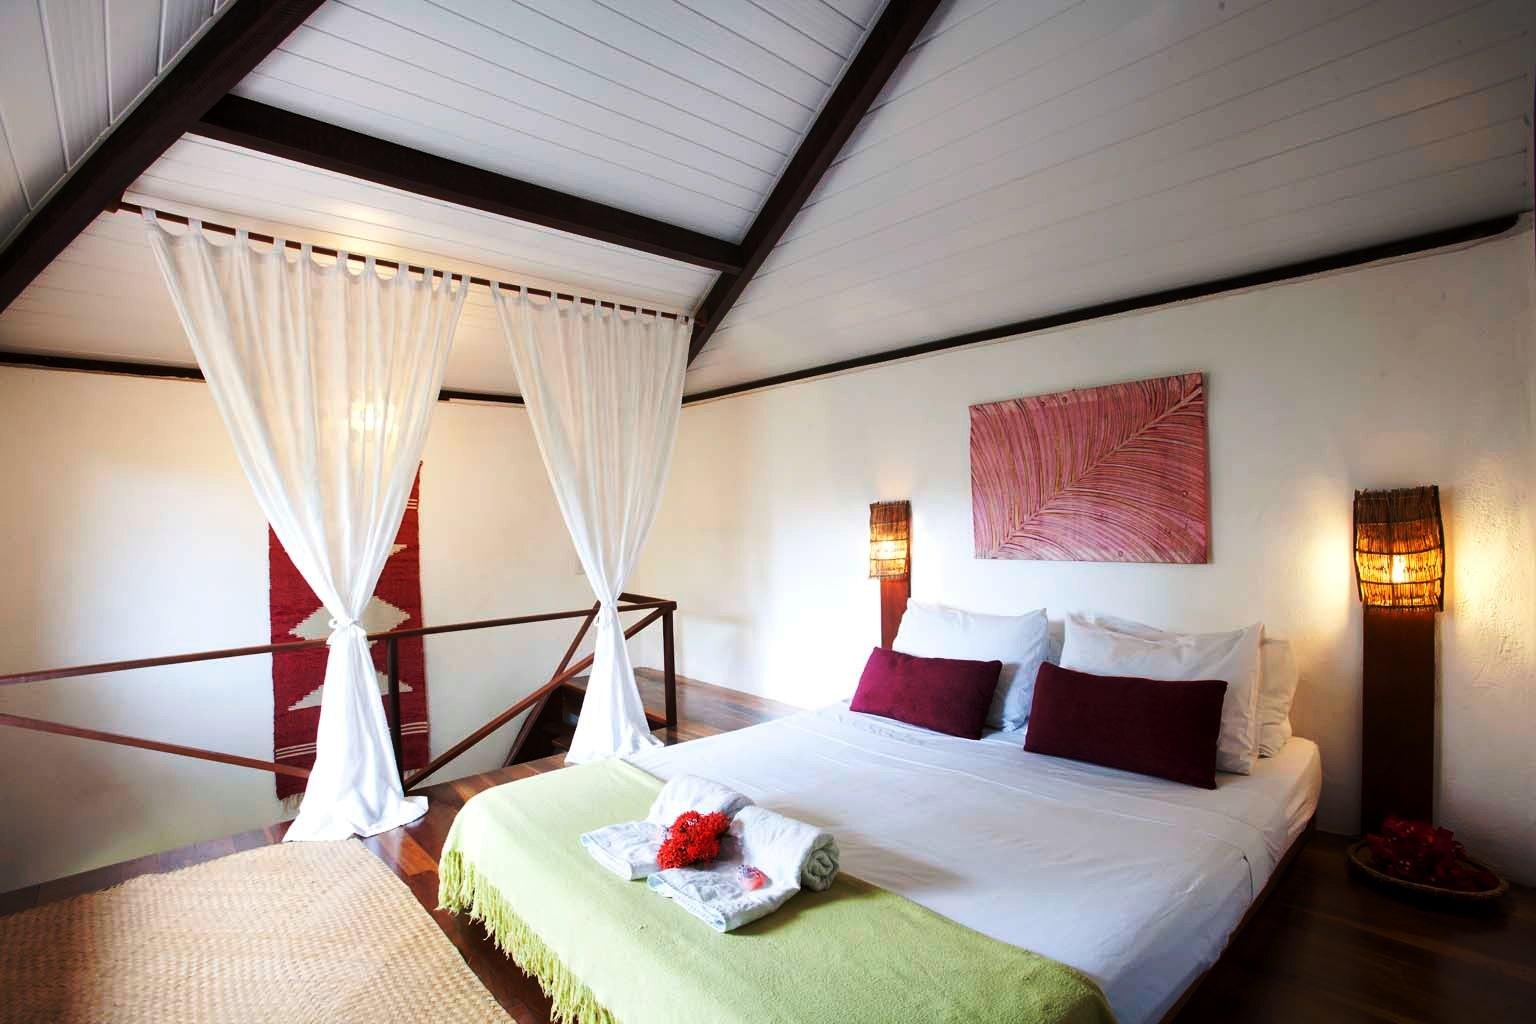 Desayunos espectaculares en una de las playas m s bonitas - Fotos de los cuartos mas bonitos del mundo ...